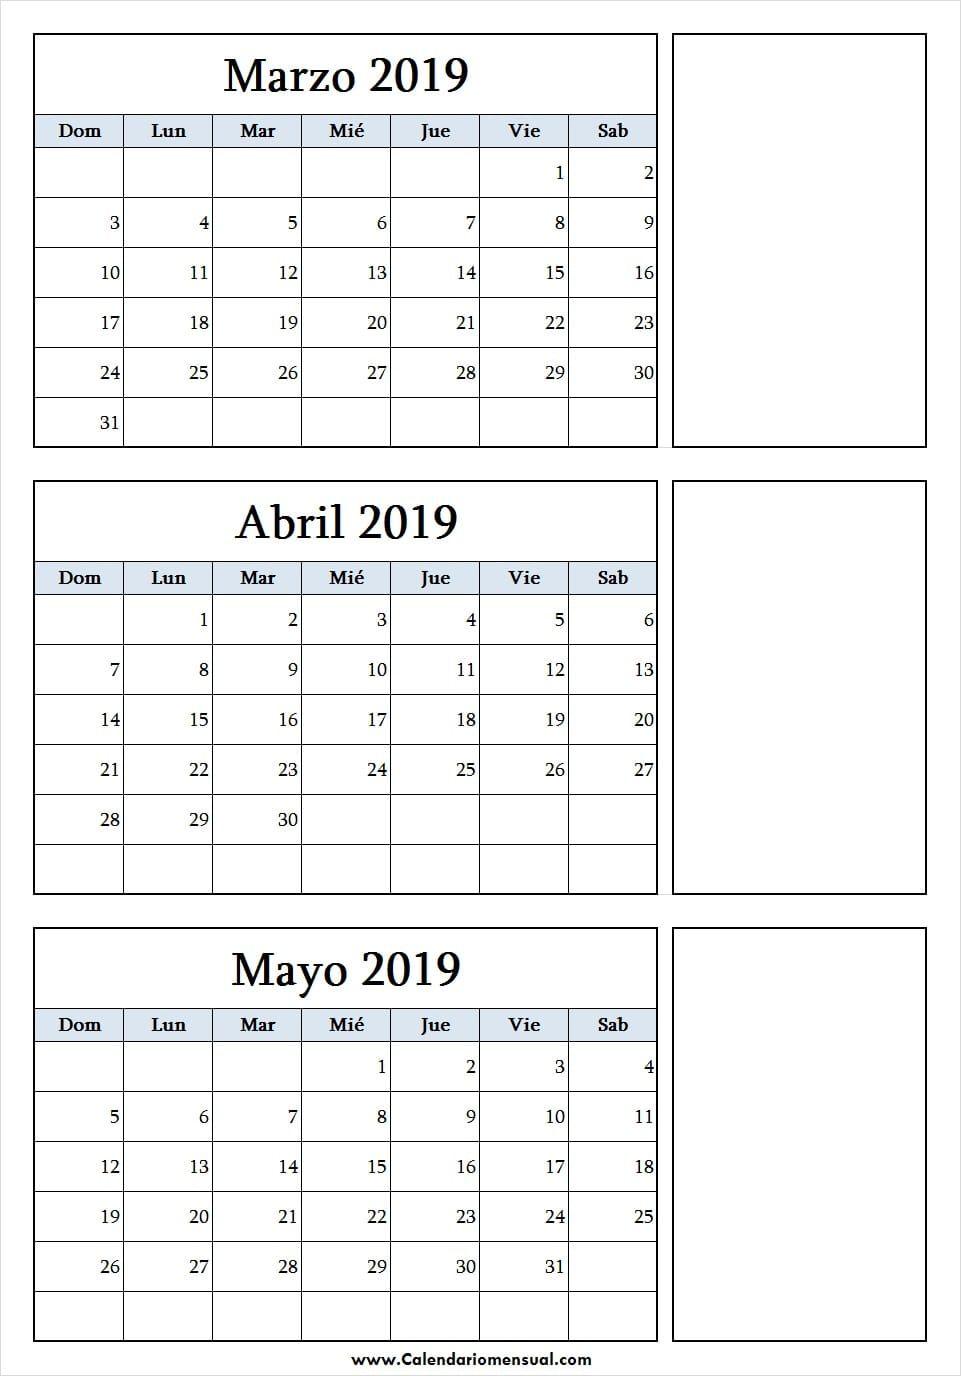 Calendario 2020 Marzo Abril.Calendario De Marzo Abril Y Mayo 2019 Para Imprimir March